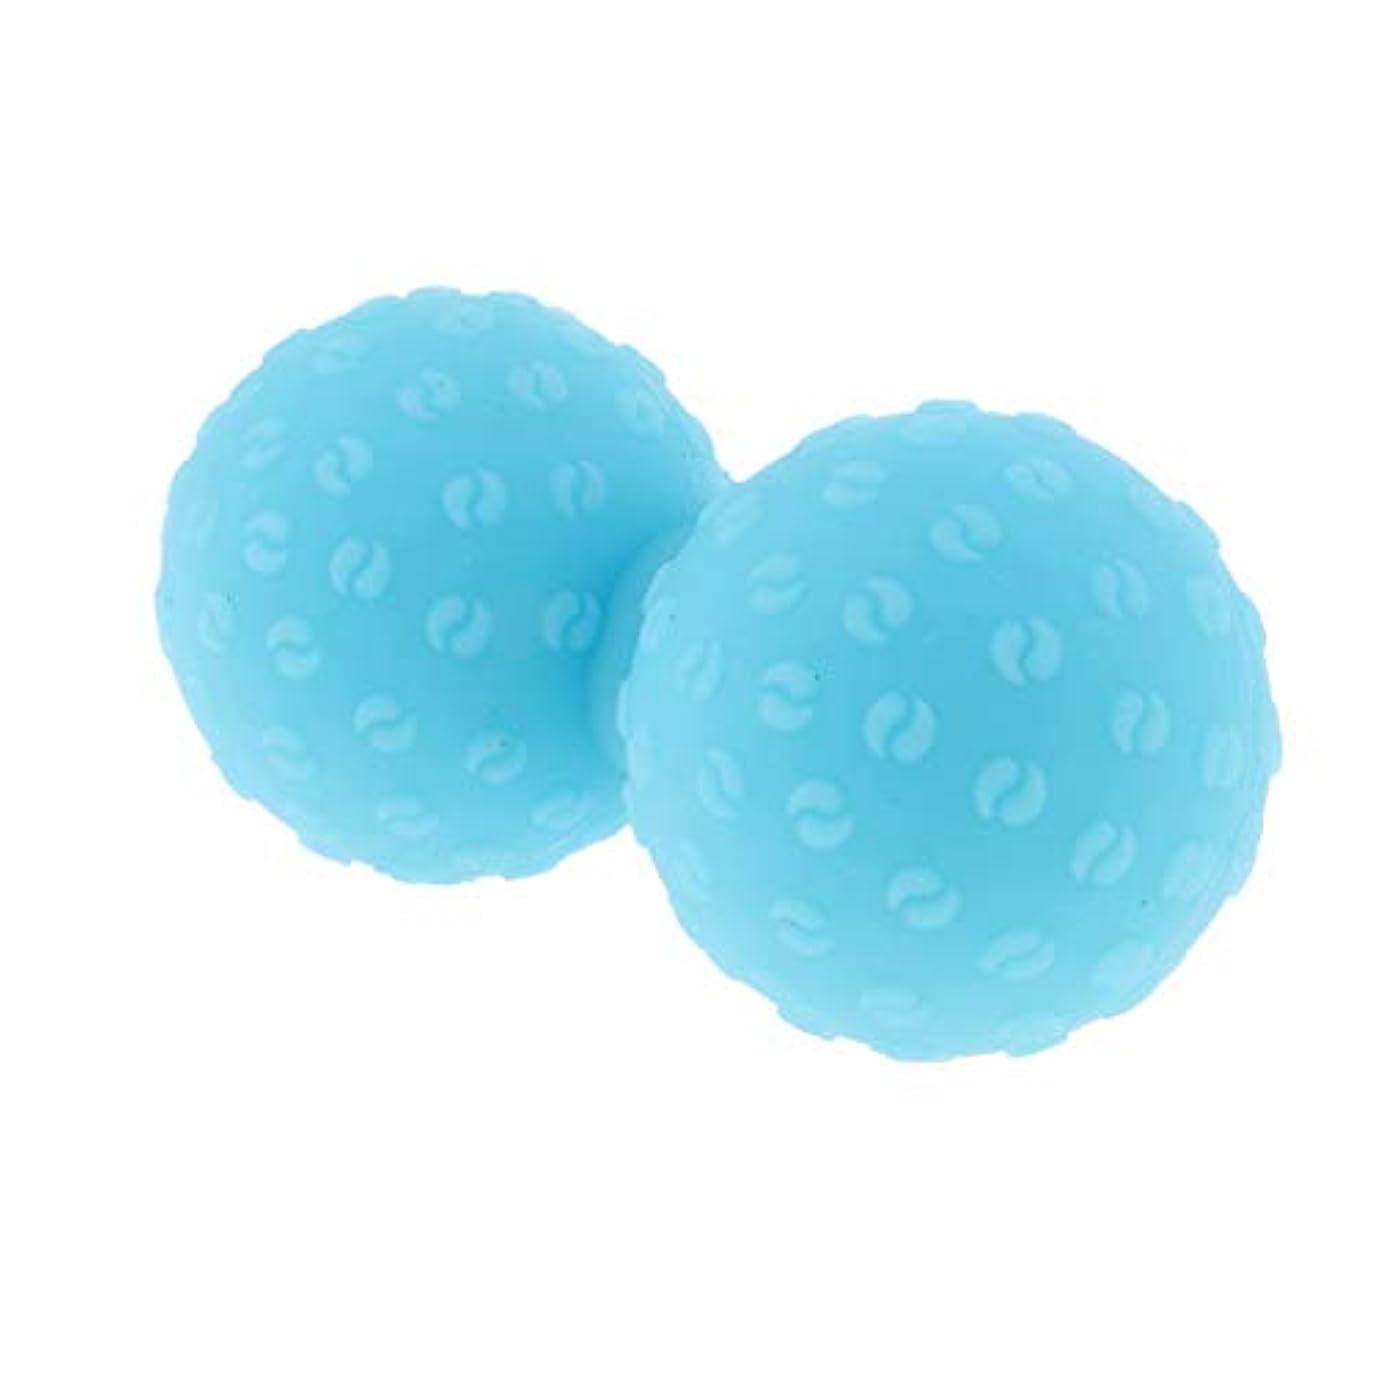 彼女はウォルターカニンガムアセンブリFenteer シリコンマッサージボール 指圧ボール ピーナッツ トリガーポイント ツボ押しグッズ ヨガ 全6色 - 青, 説明のとおり